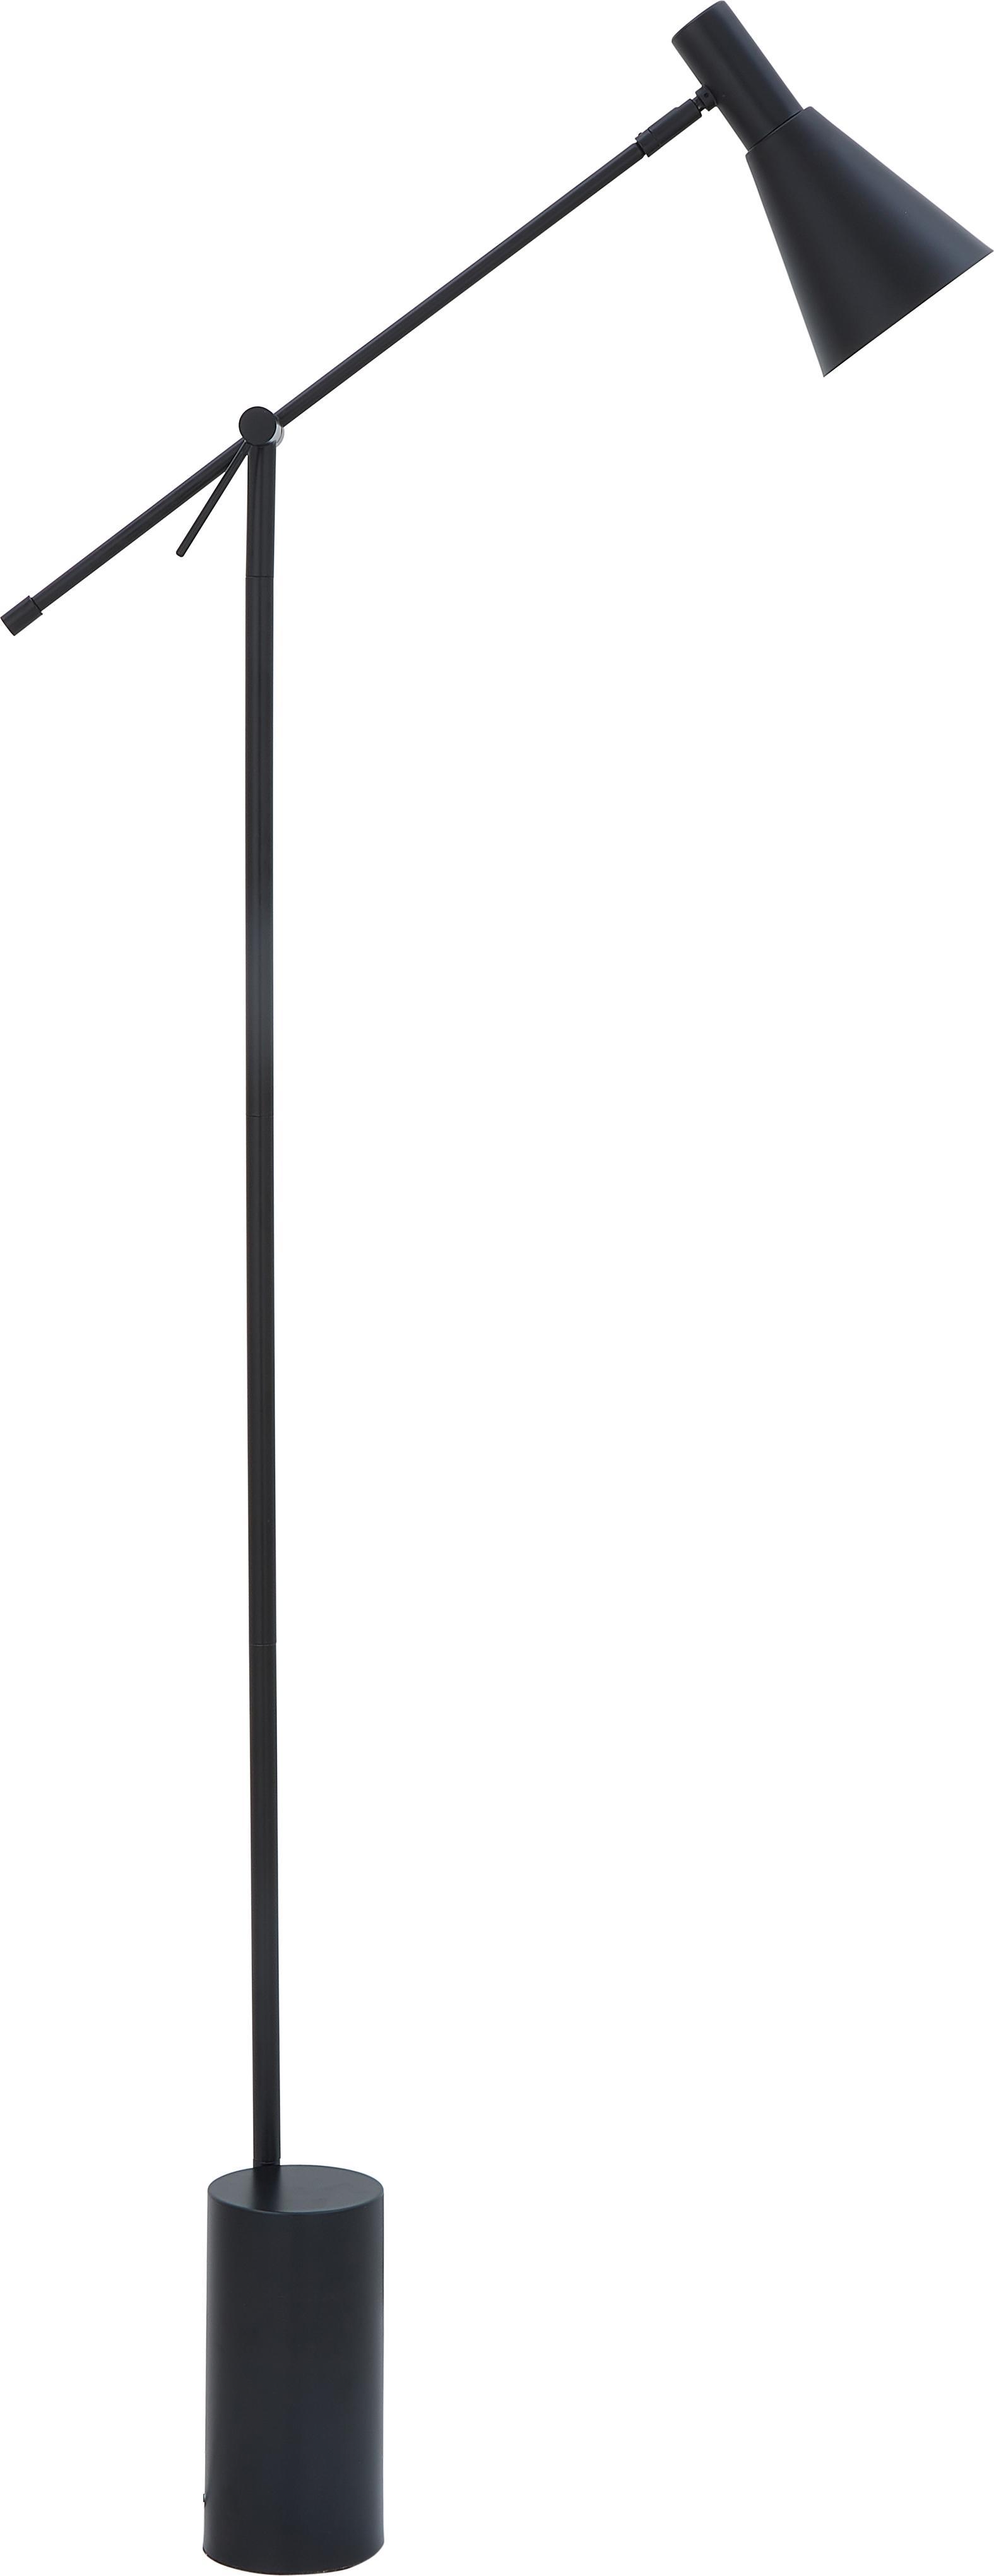 Lampada da terra Sia, Paralume: Metallo verniciato a polv, Base della lampada: Metallo verniciato a polv, Nero, Larg. 14 x Alt. 162 cm